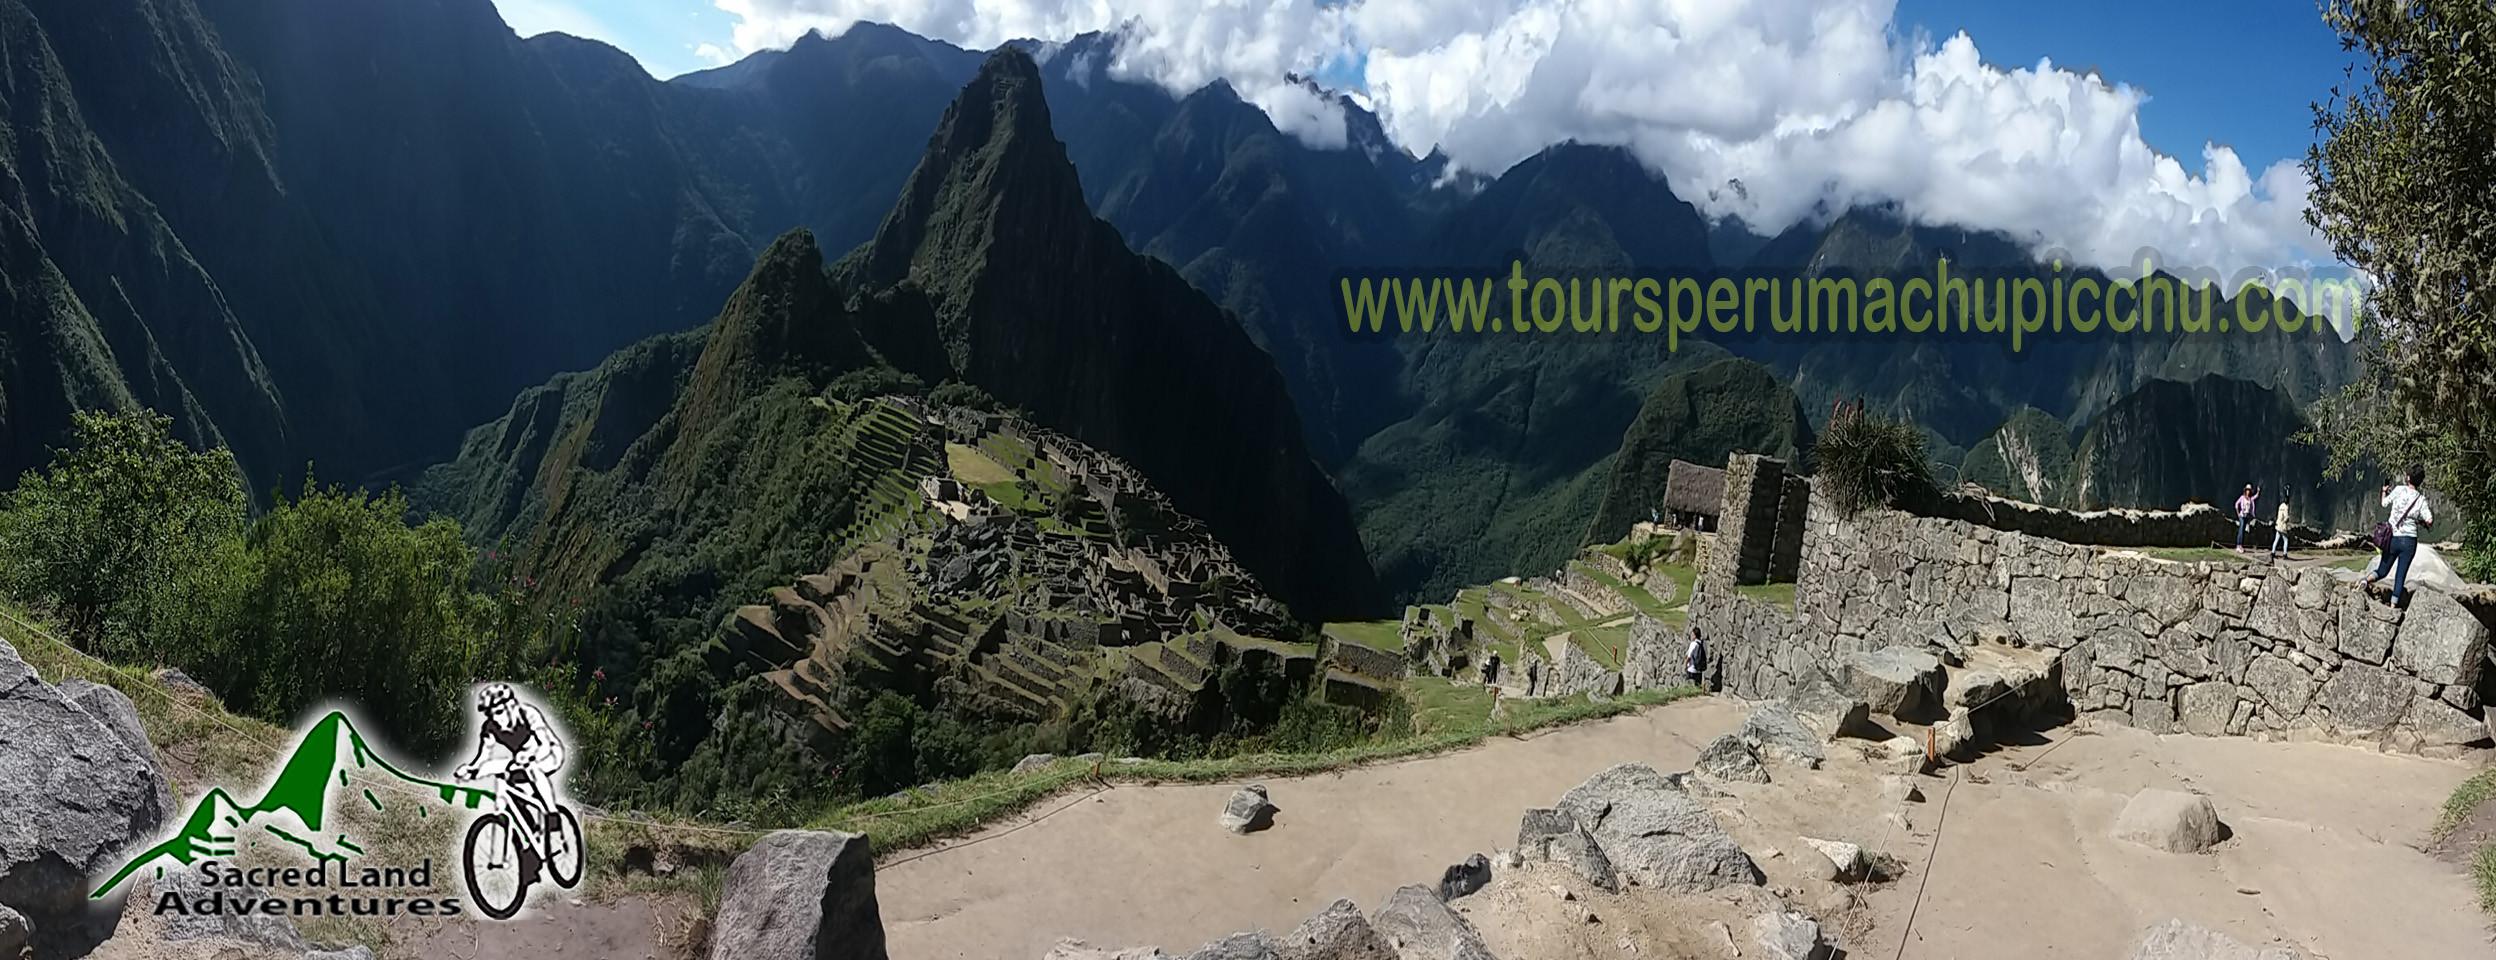 tours peru machupicchu - tours peru - peru travel